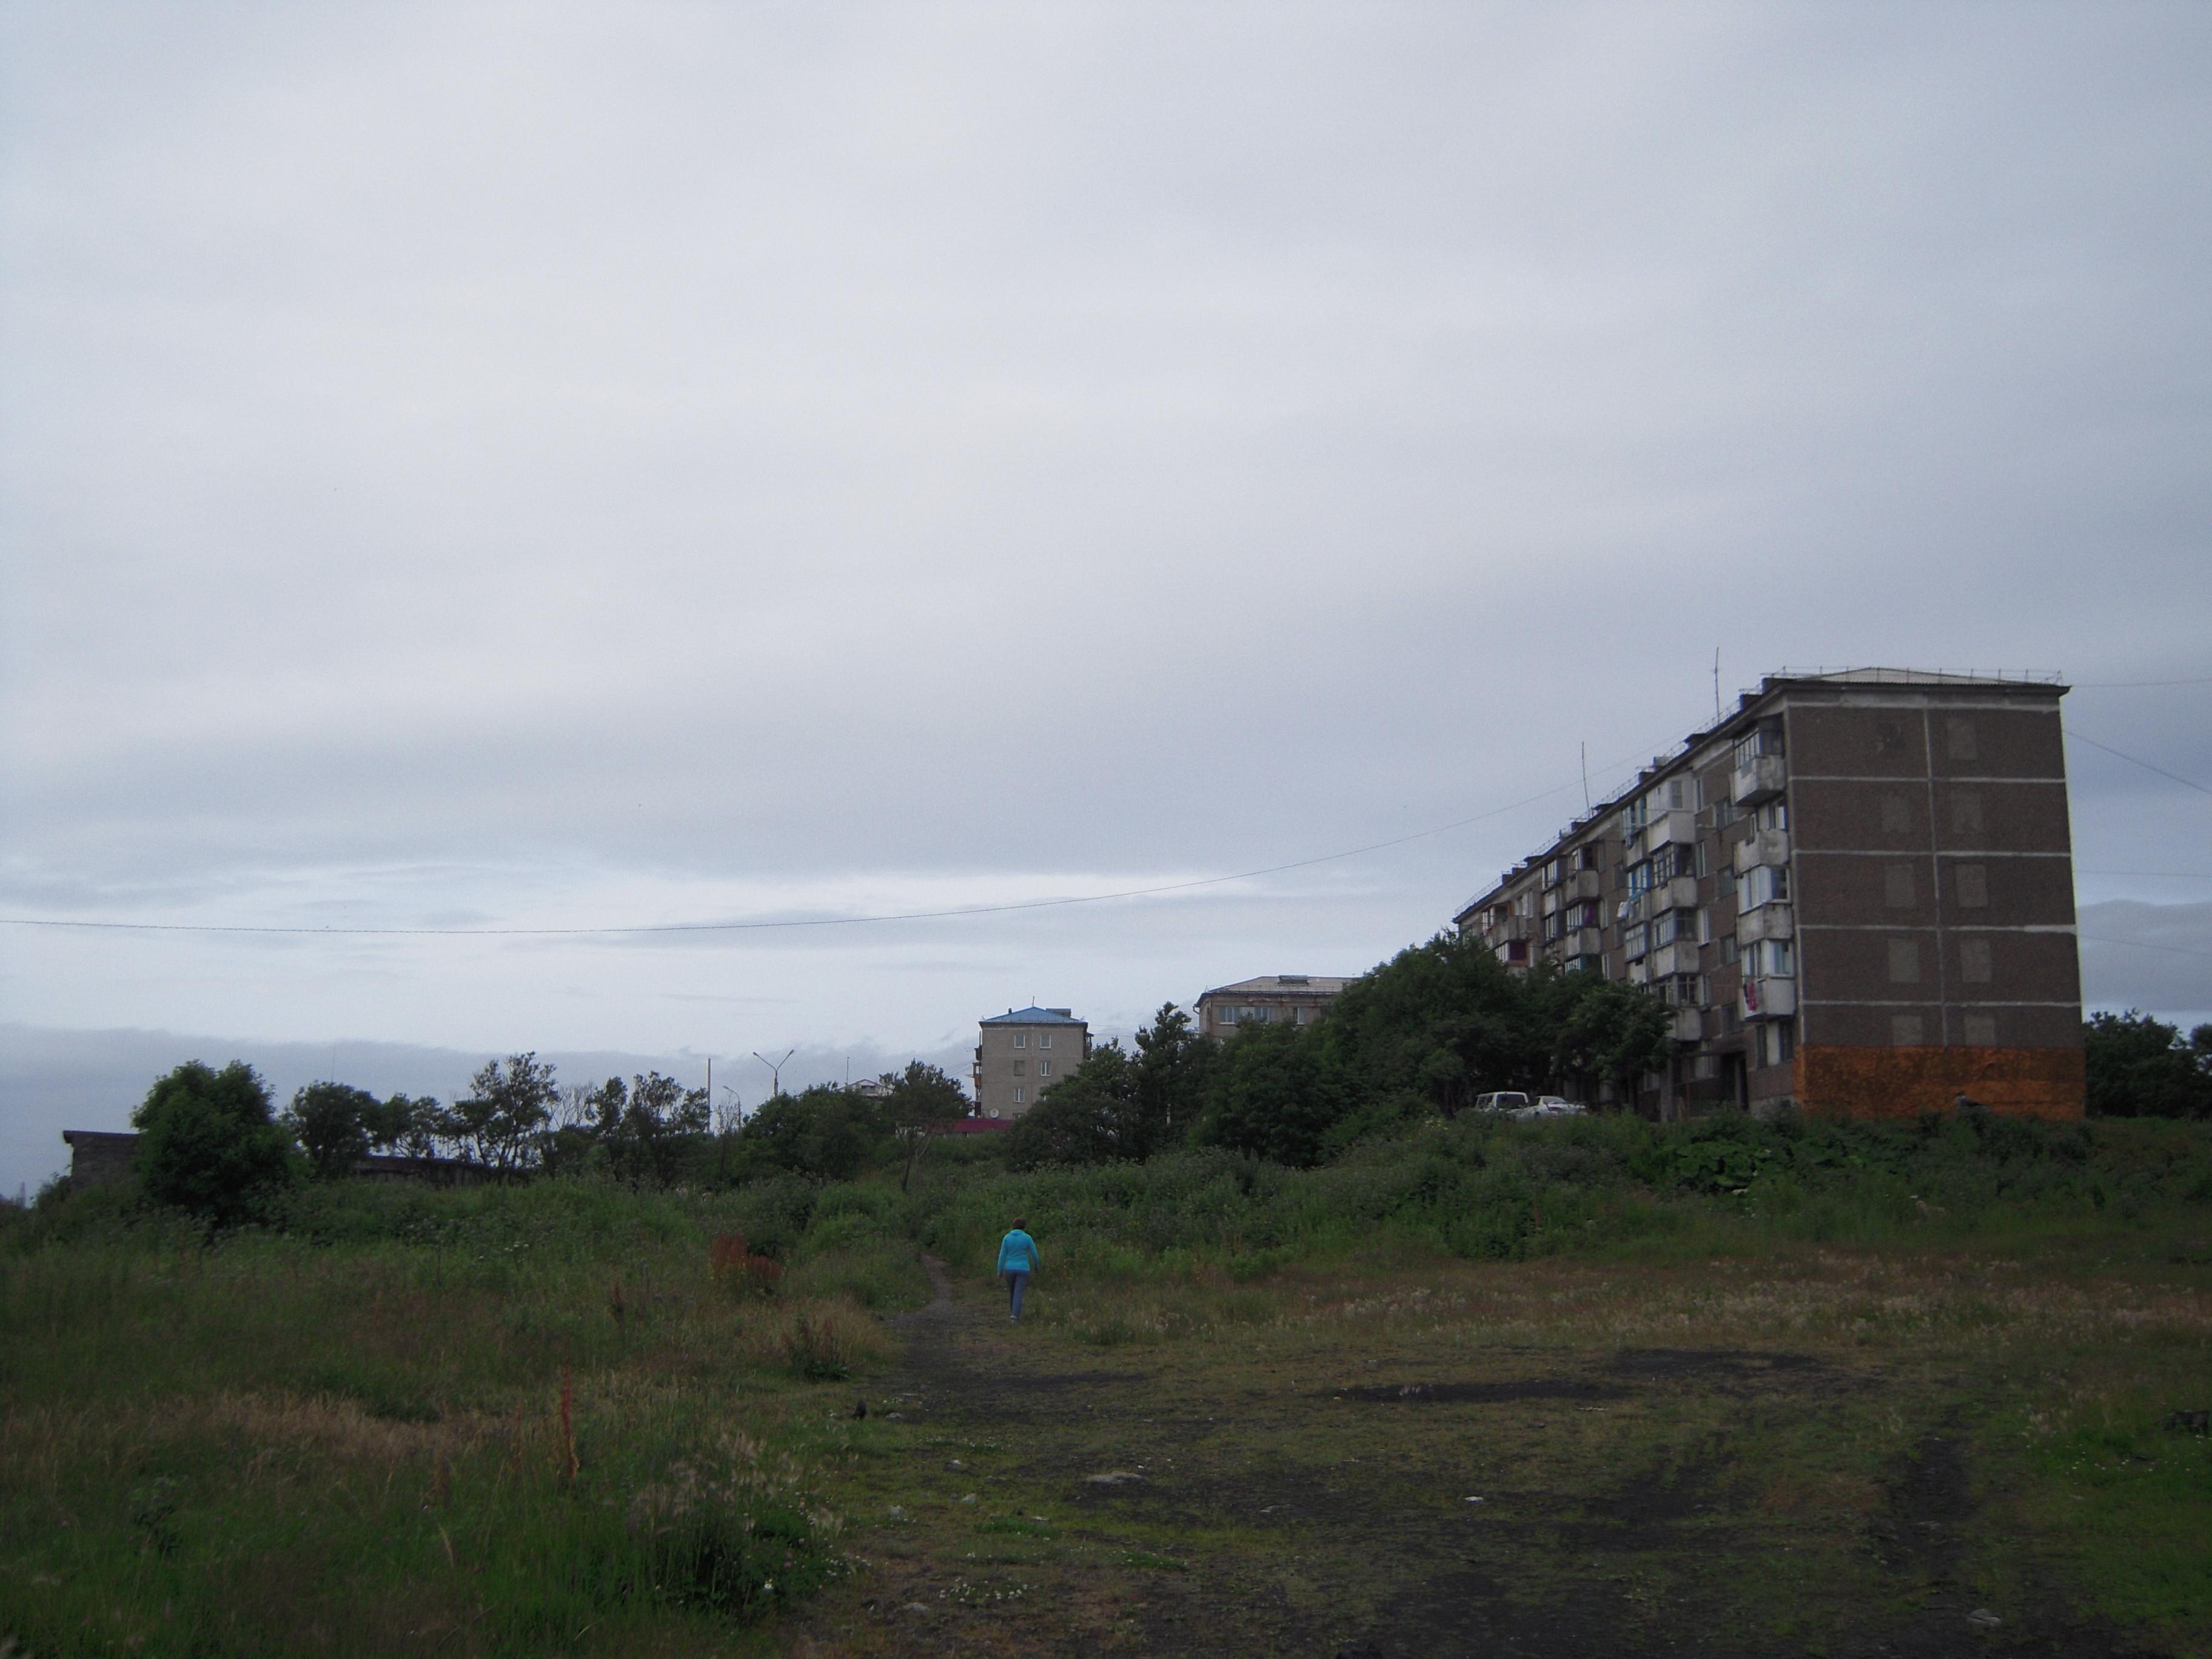 f:id:tokyocat:20131005051101j:image:w600